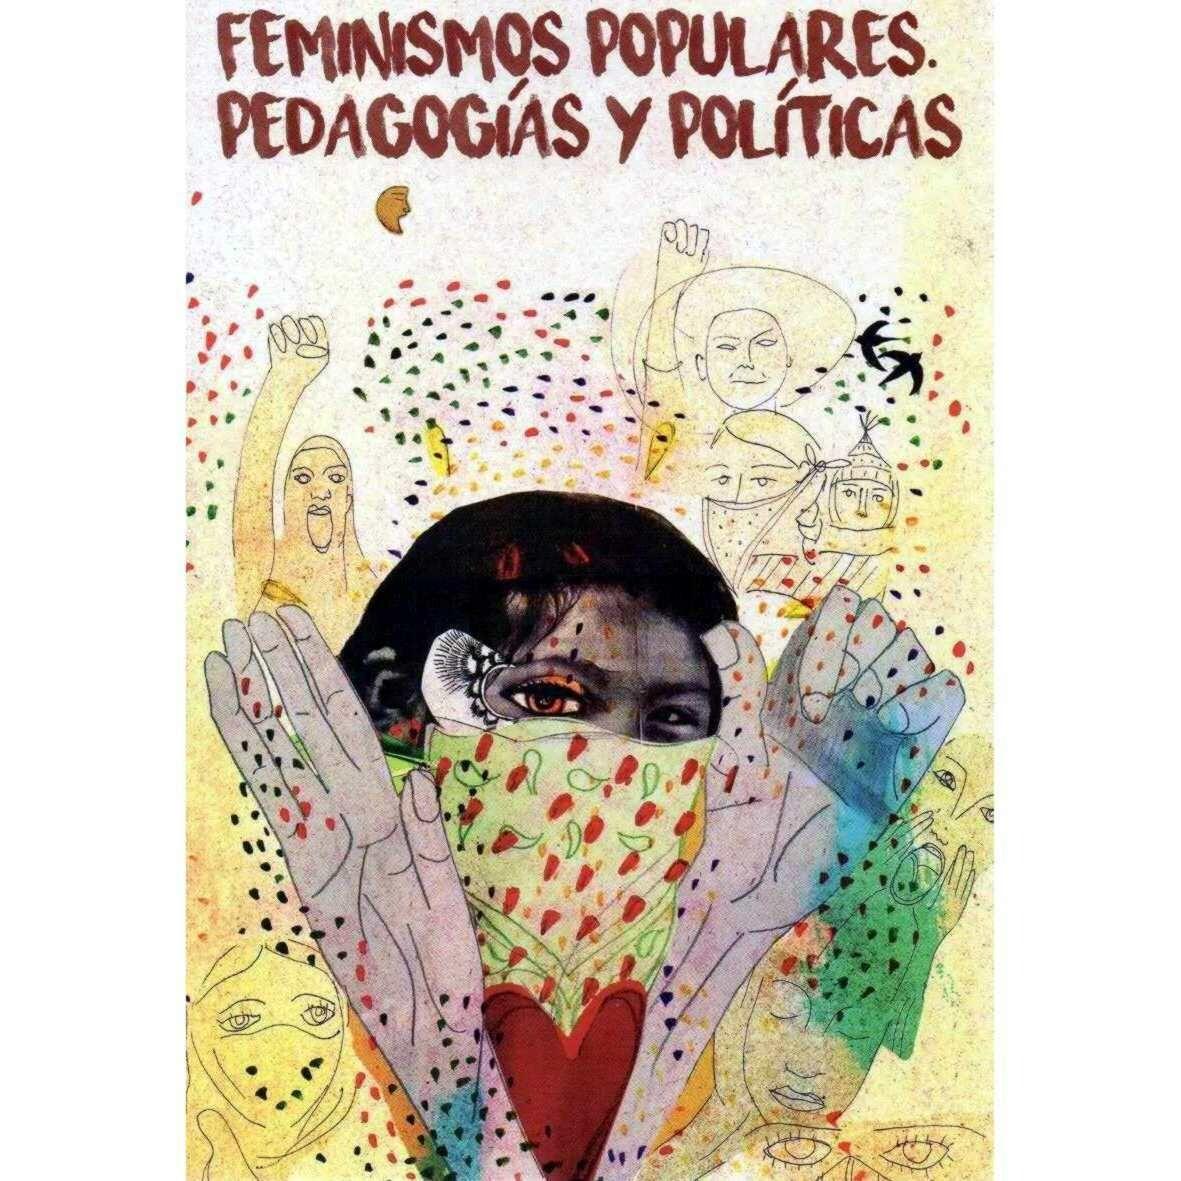 Feminismos Populares. Pedagogías y Políticas - Compilation by Claudia Korol